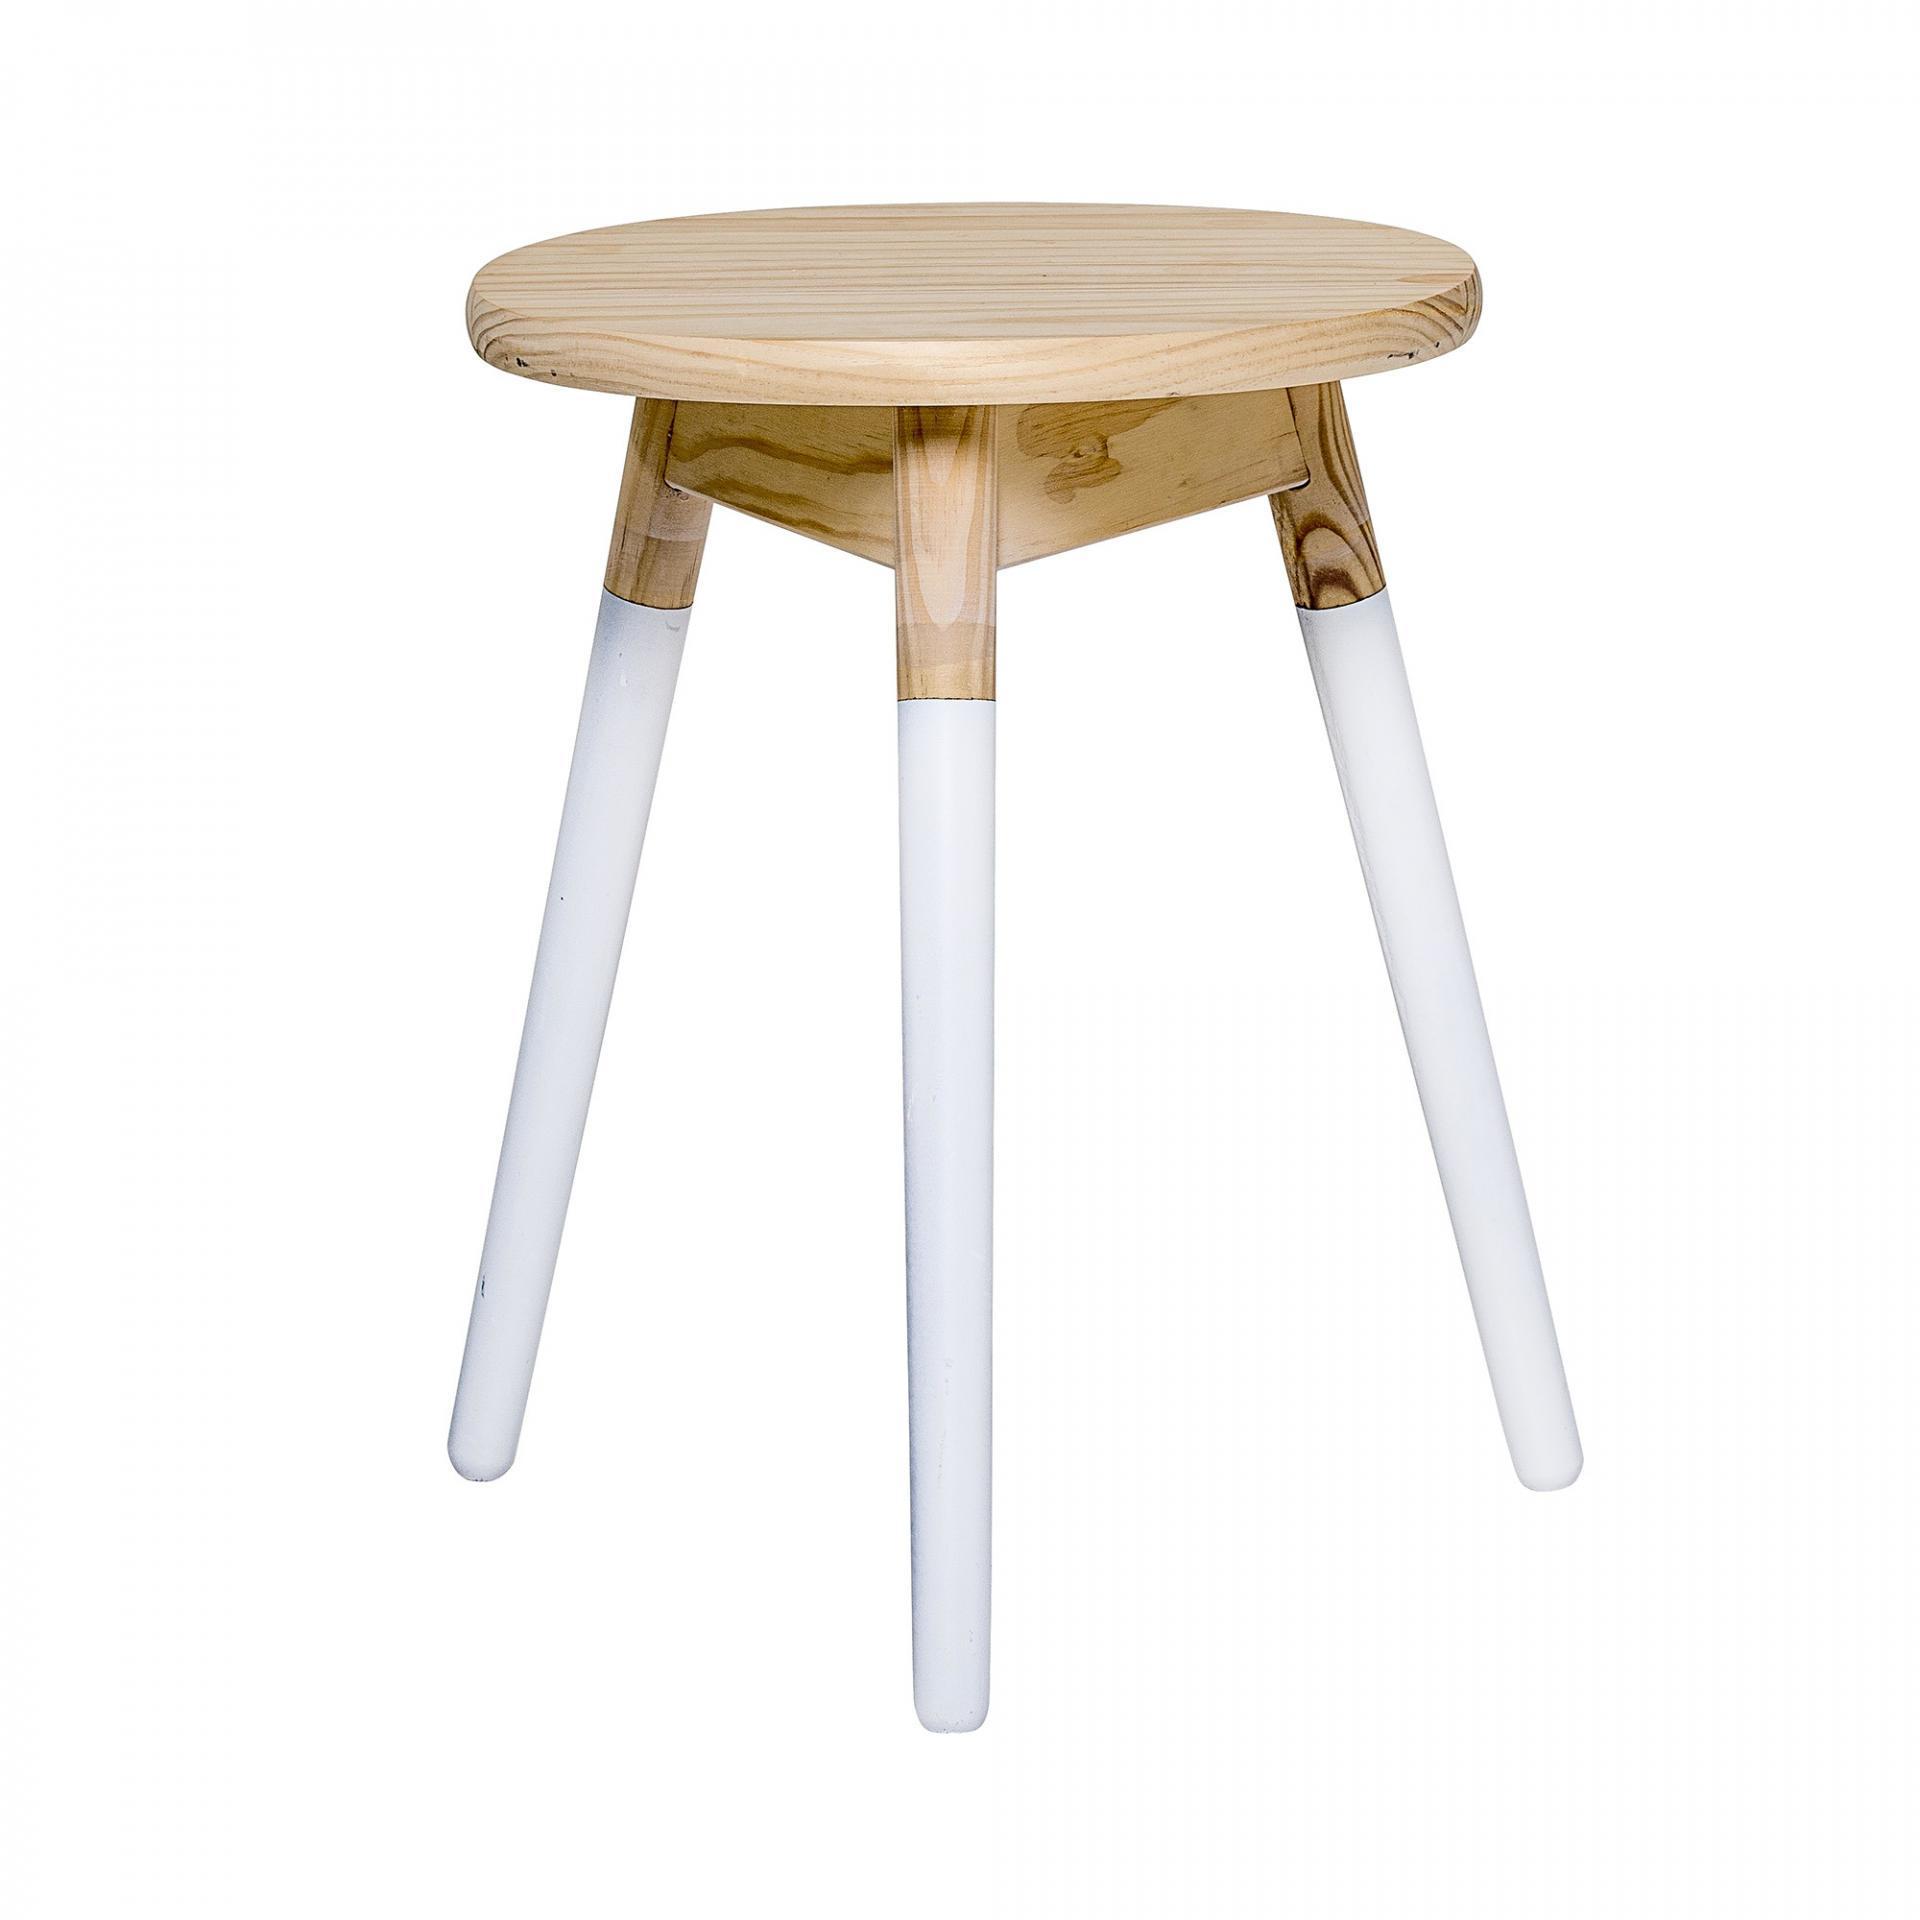 Bloomingville Dřevěný odkládací stolek Bud, béžová barva, bílá barva, hnědá barva, dřevo